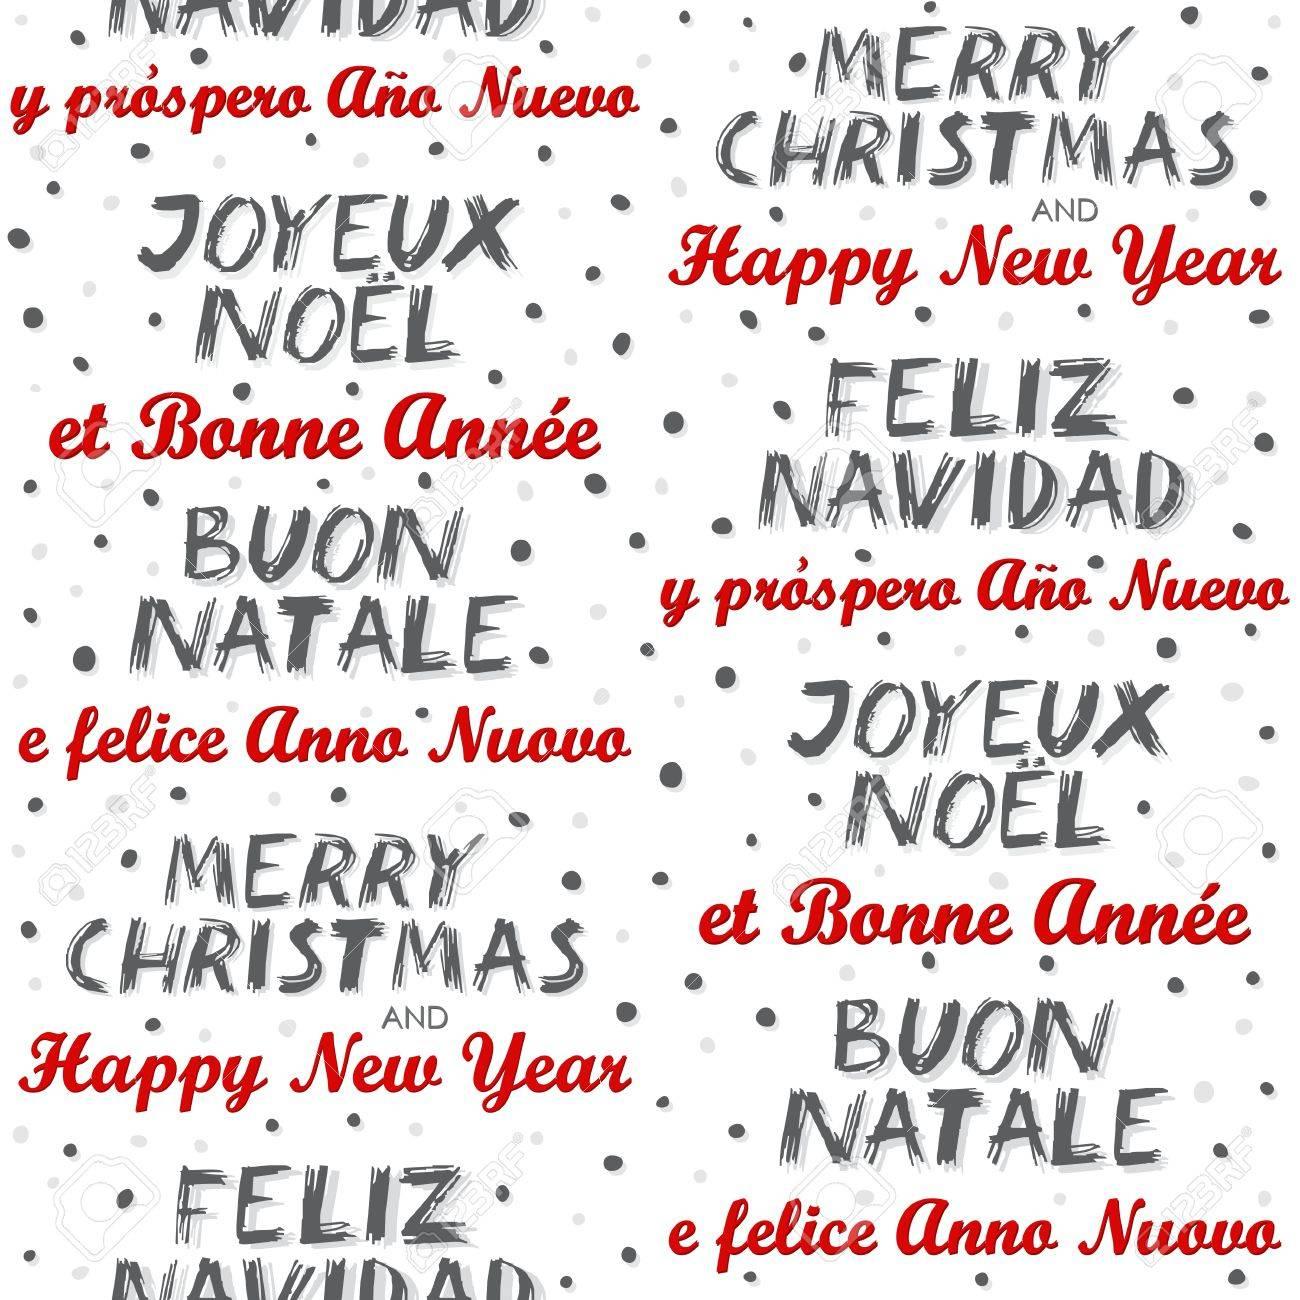 Buon Natale Traduzione In Inglese